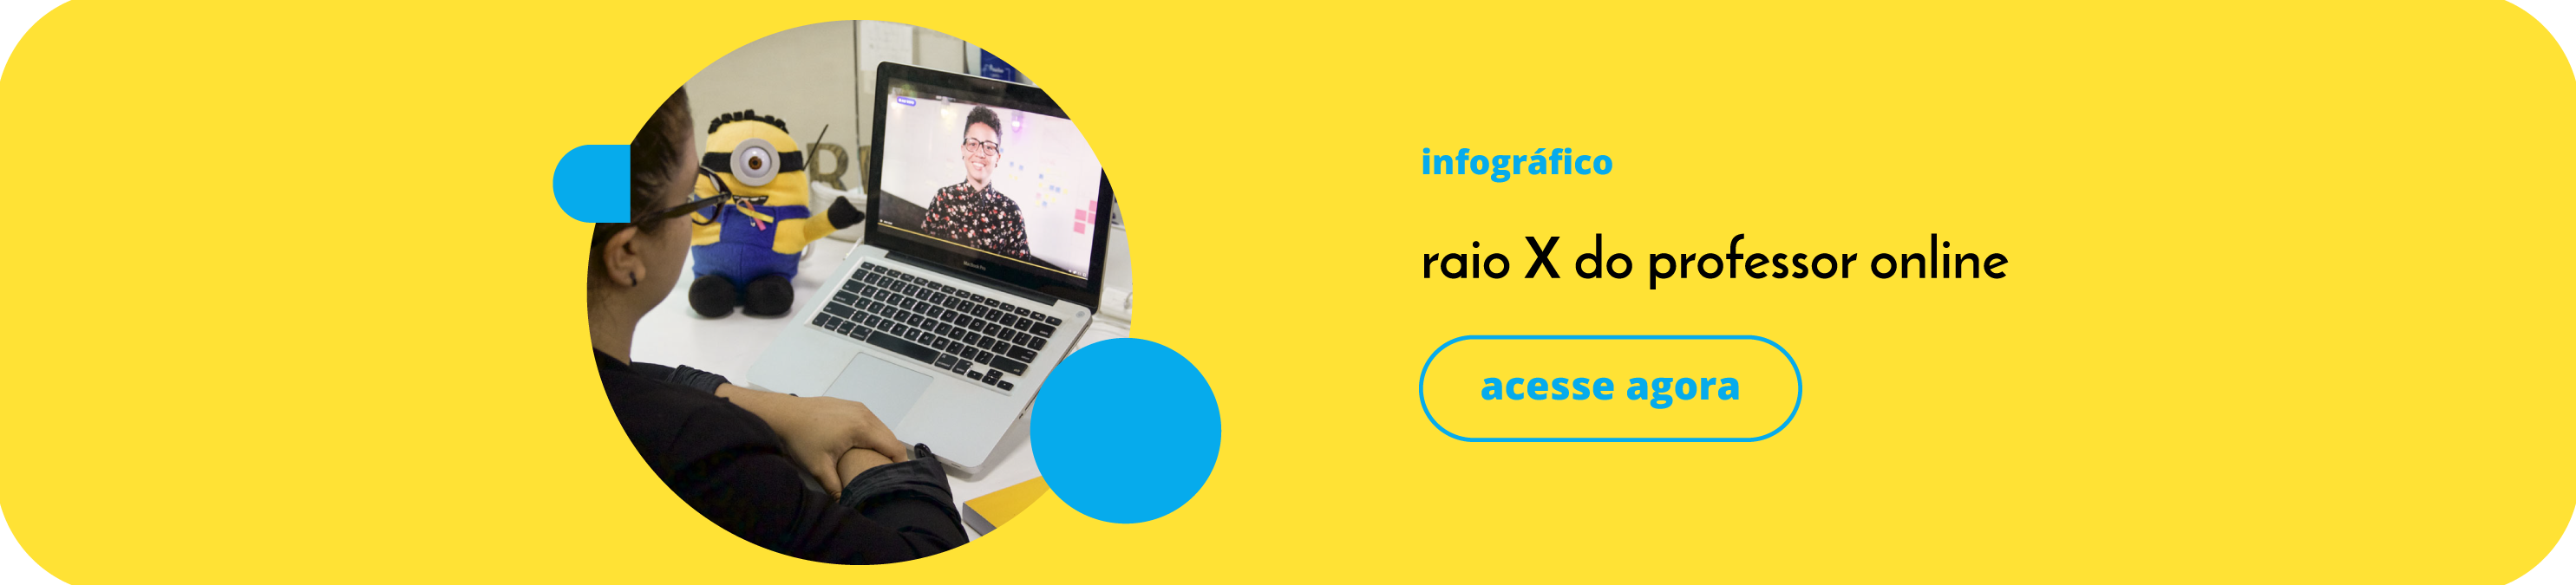 Infografico - Raiox do professor online